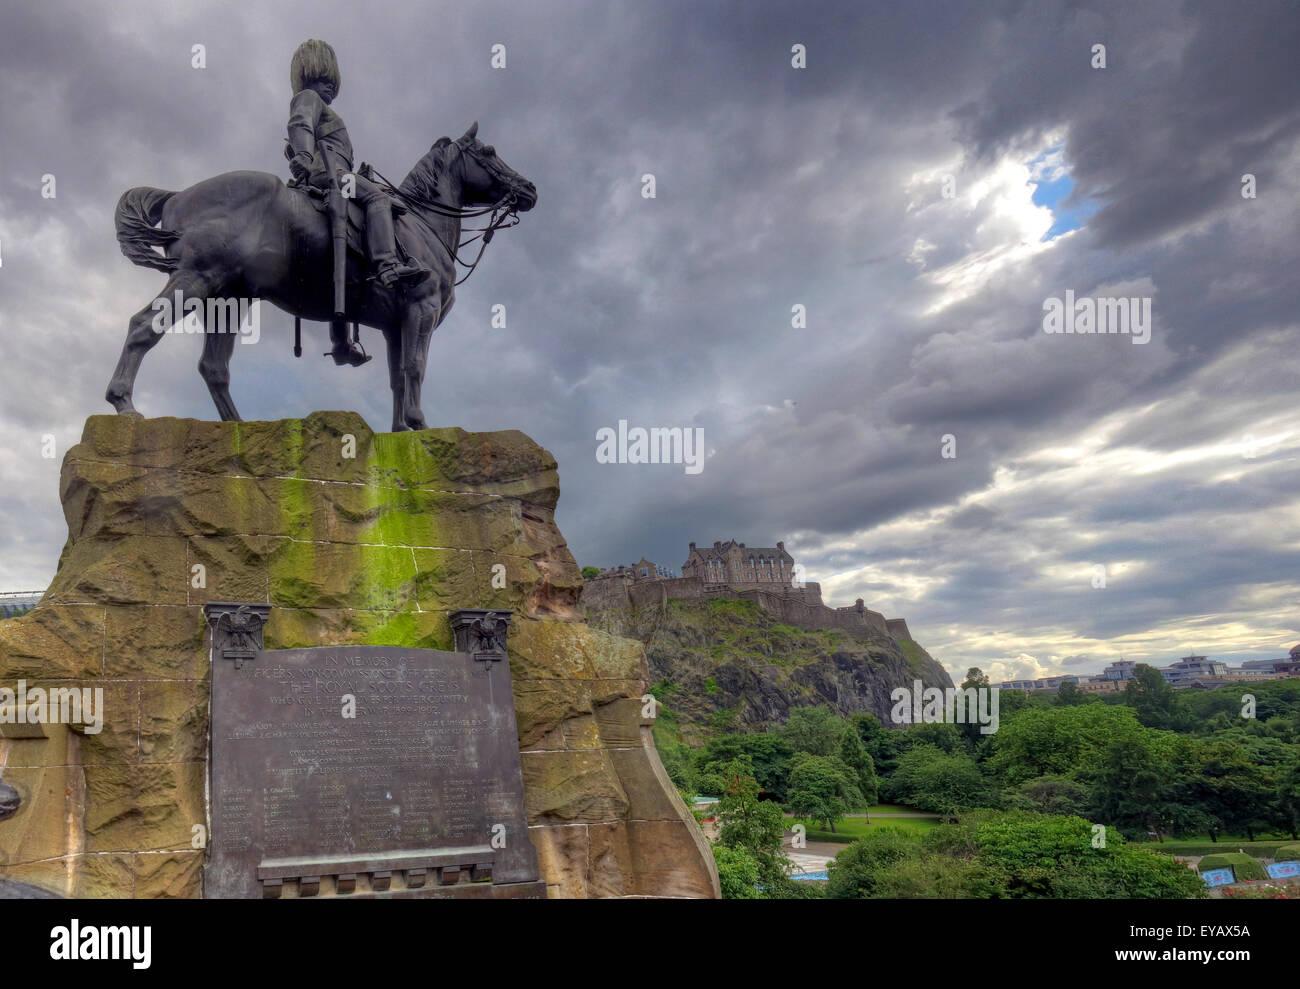 Laden Sie dieses Alamy Stockfoto Statue/Gedenktafel in Erinnerung an die Royal Scots Greys, Princes St, Edinburgh, Scotland, UK - EYAX5A